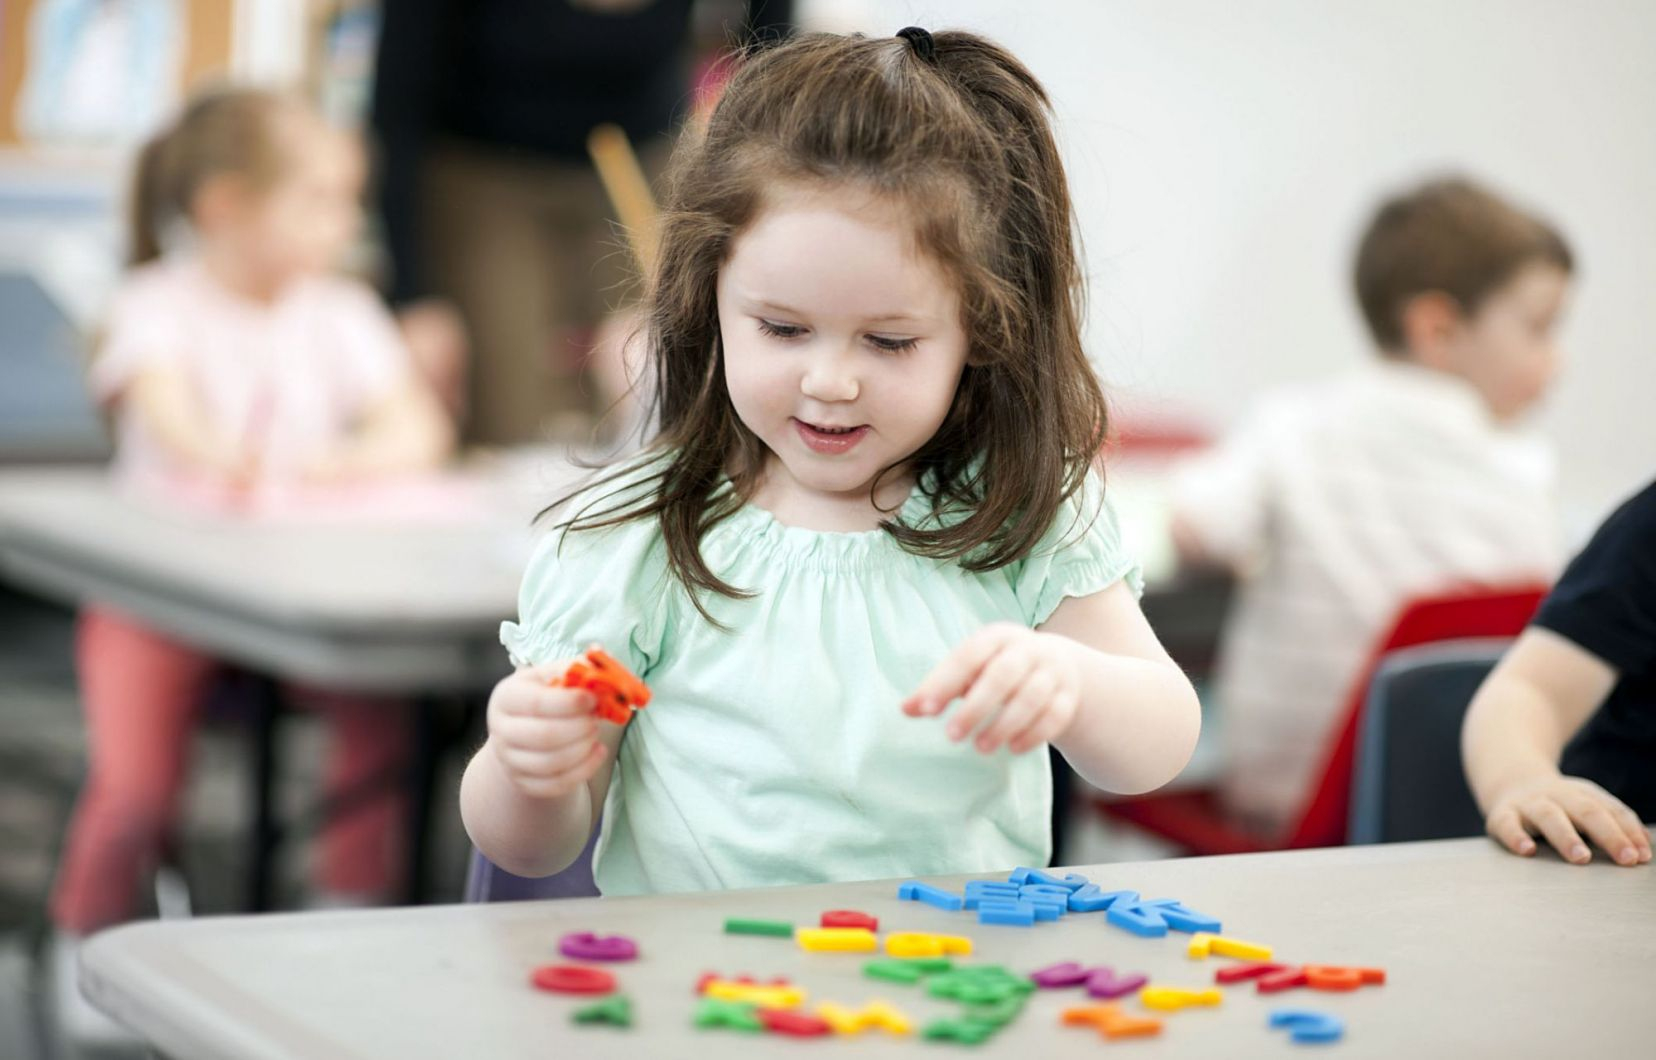 L'apprentissage Des Lettres Est Aussi Important Que Le Jeu concernant Jeux D Apprentissage Maternelle